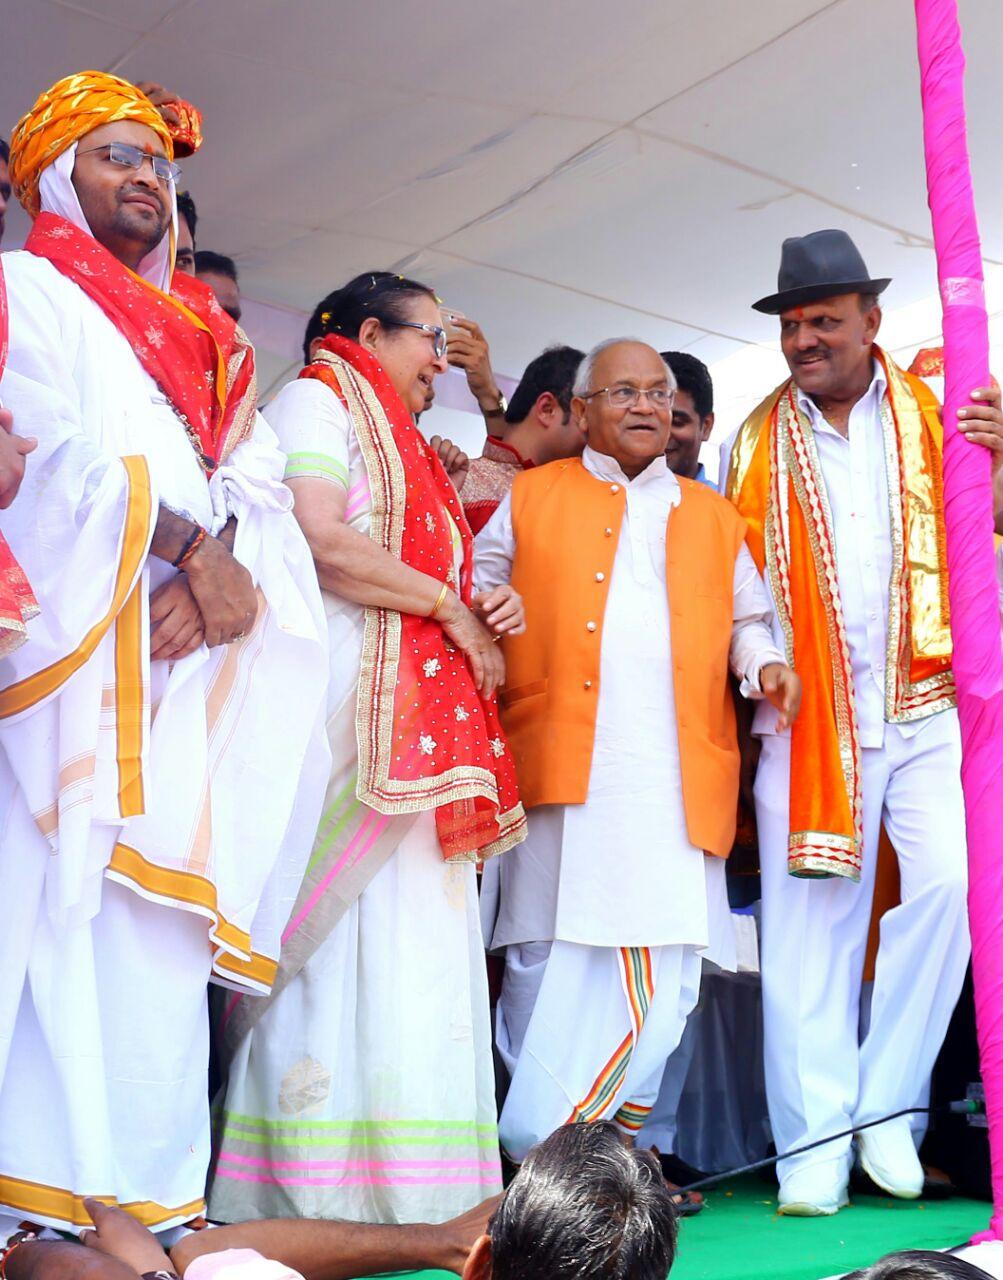 इंदौर की चुनरी-यात्रा: हजारों भक्तों ने थामी चुनरी